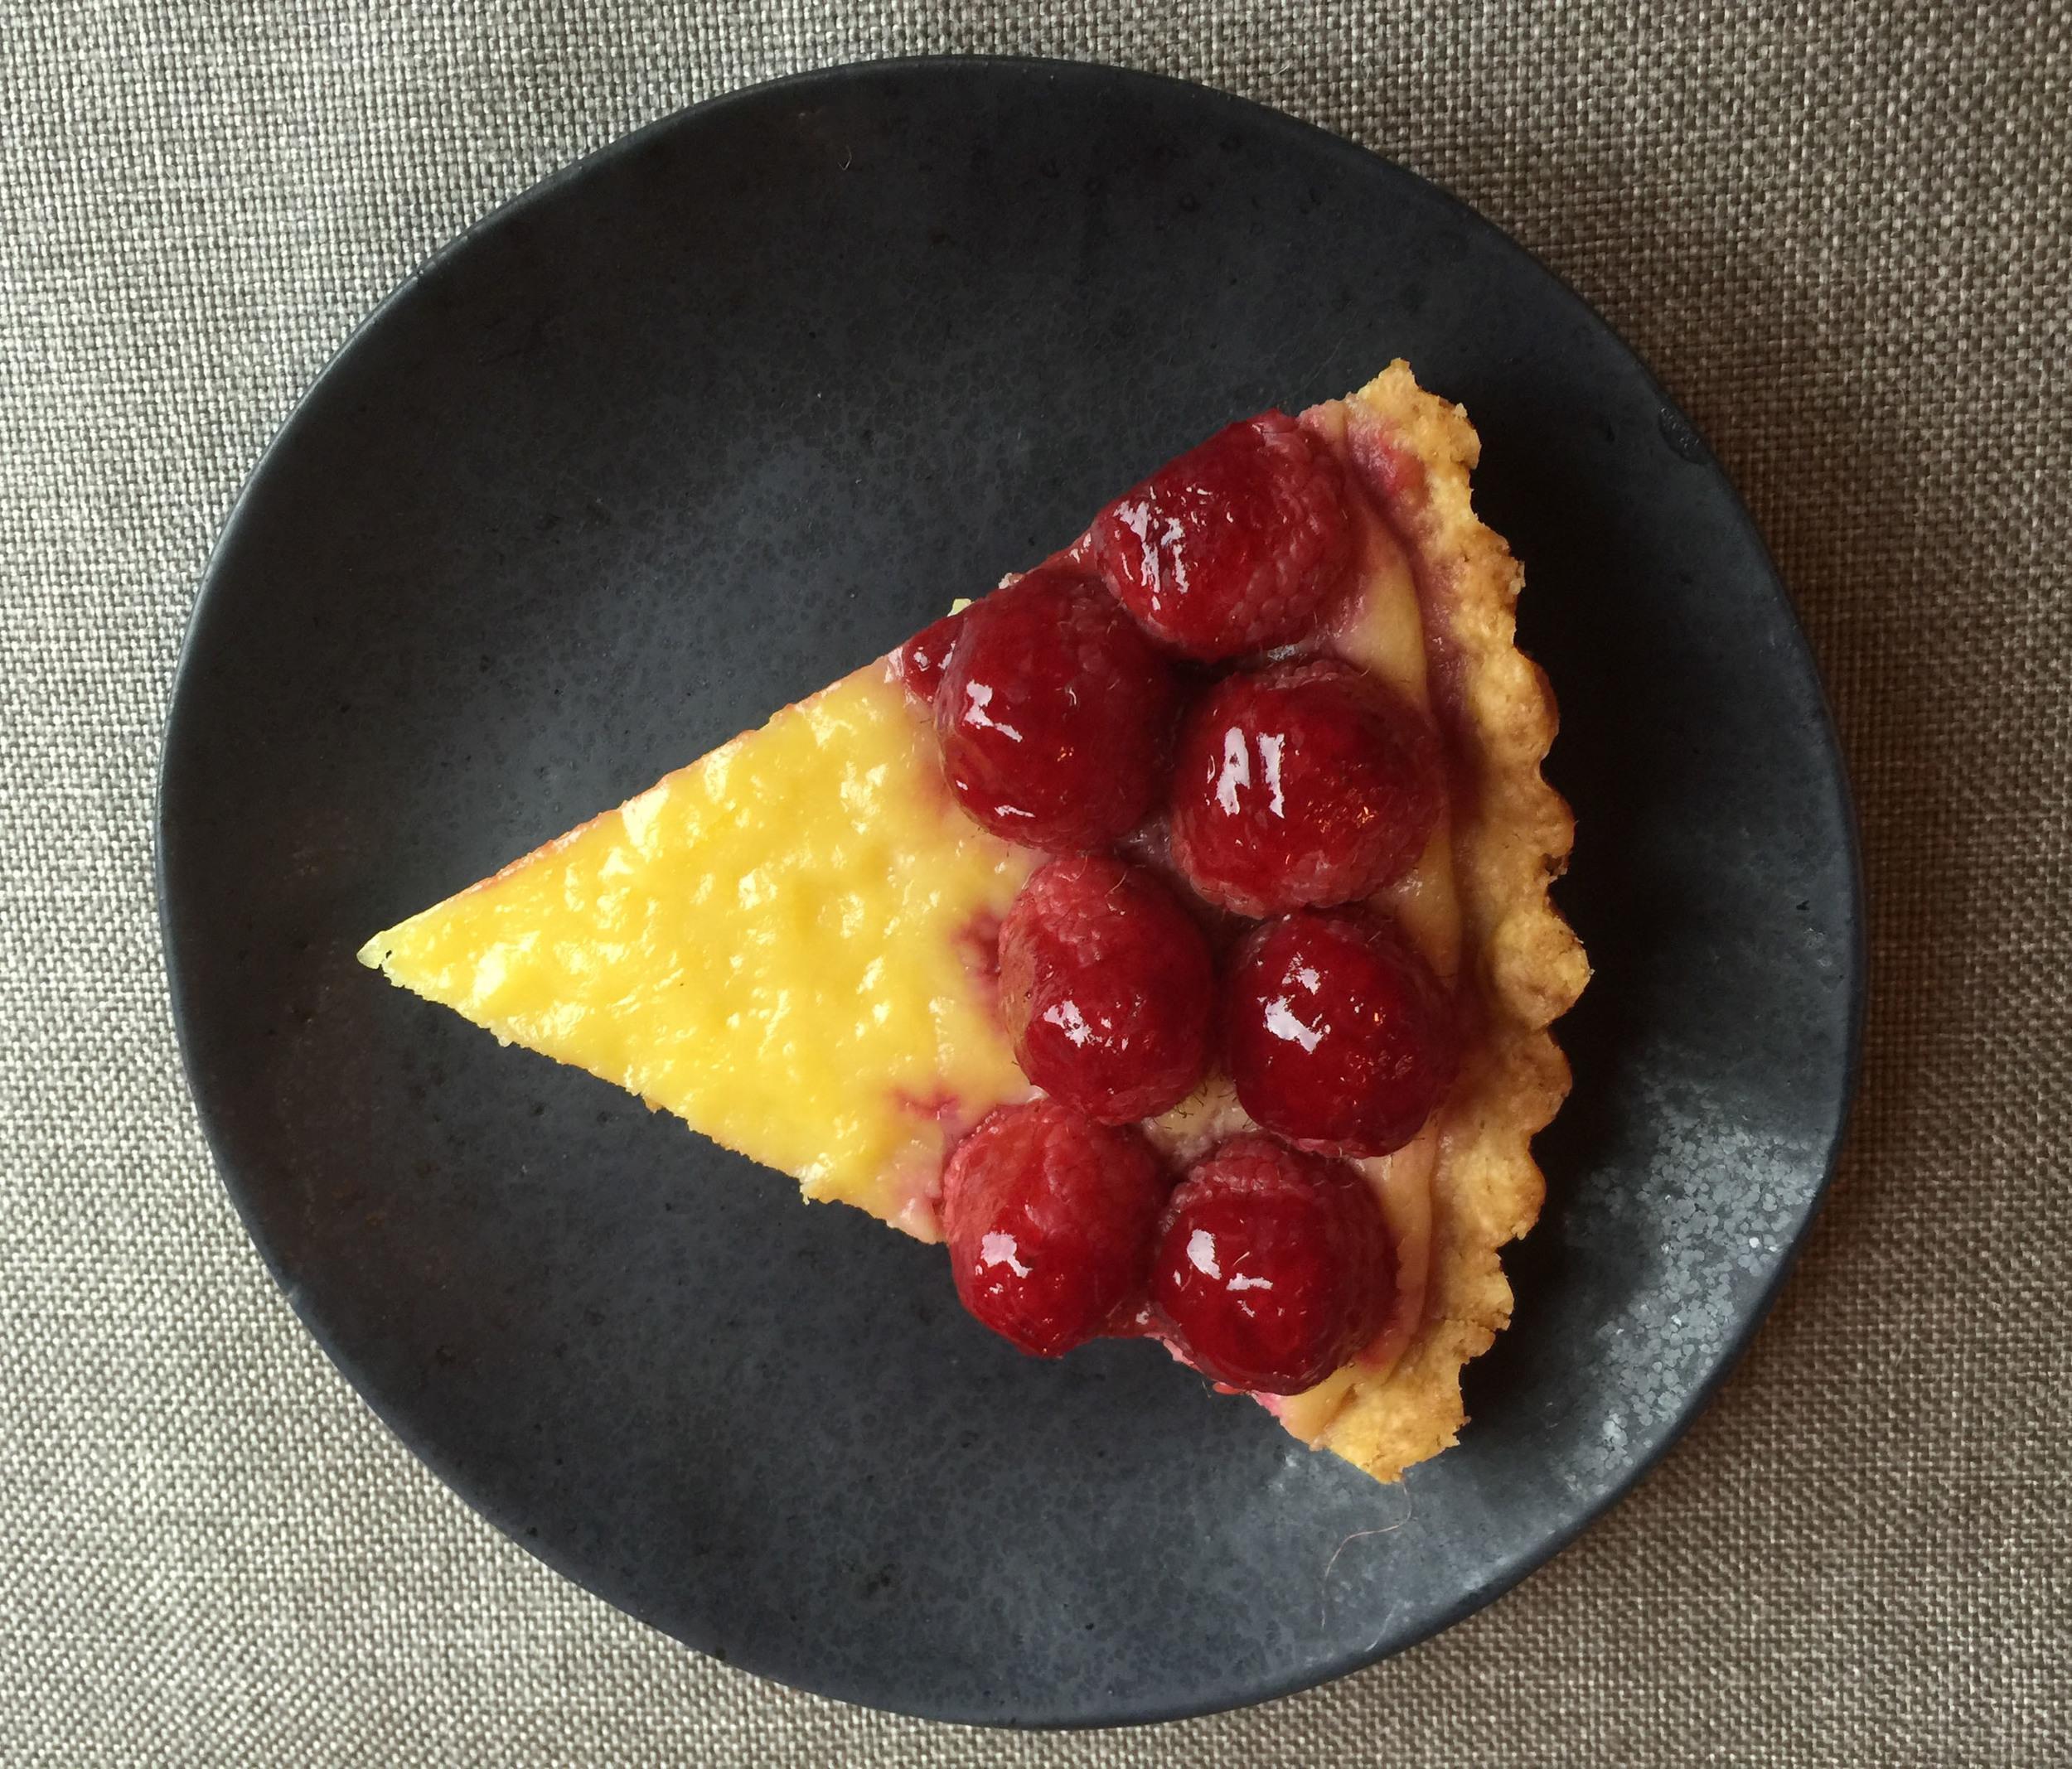 A slice of lemon-raspberry tart